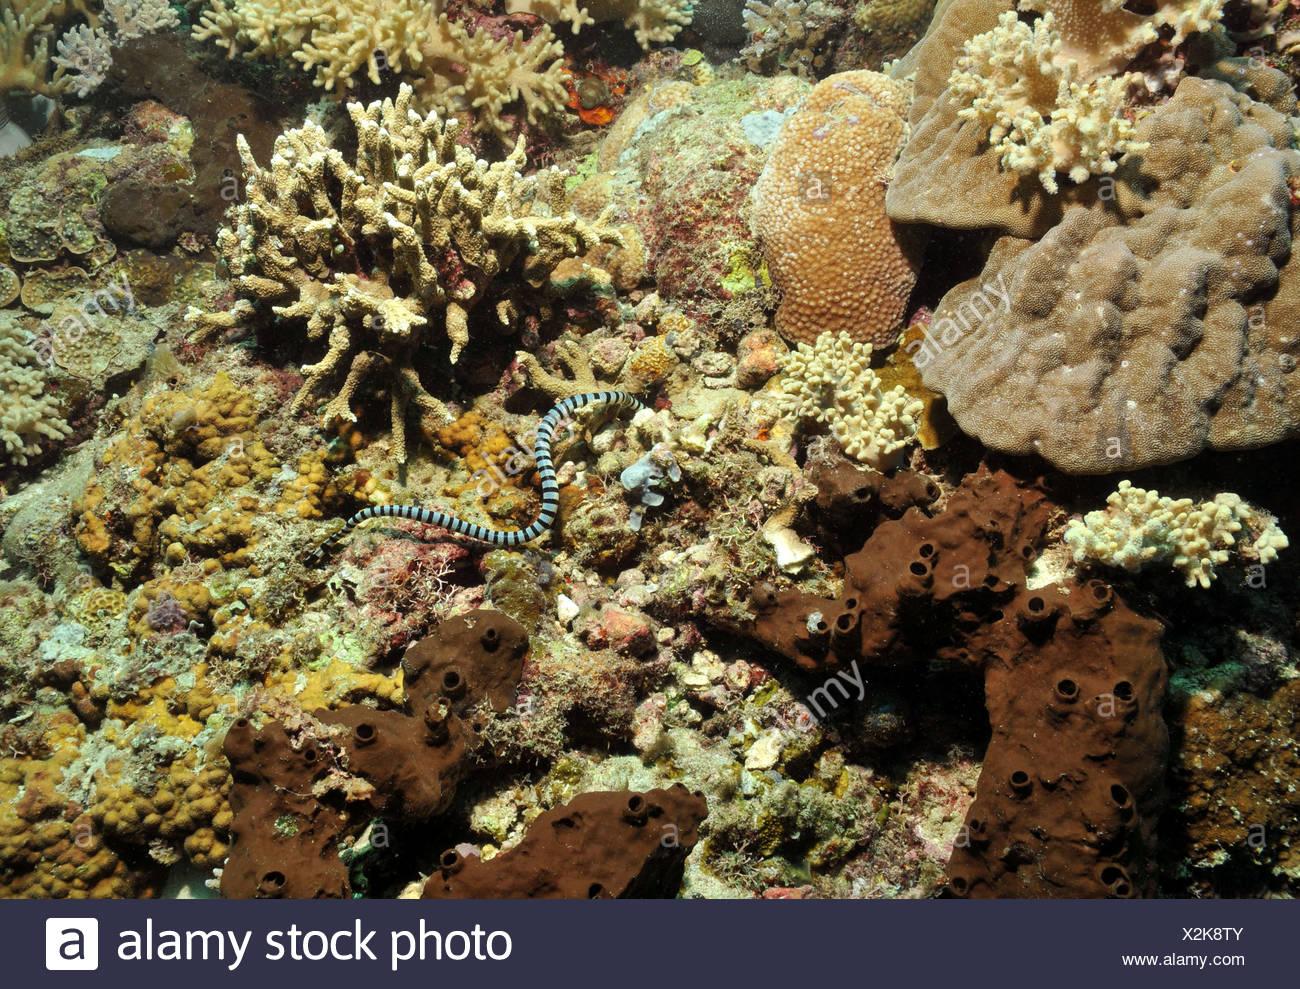 Serpente di mare sulle barriere coralline Immagini Stock